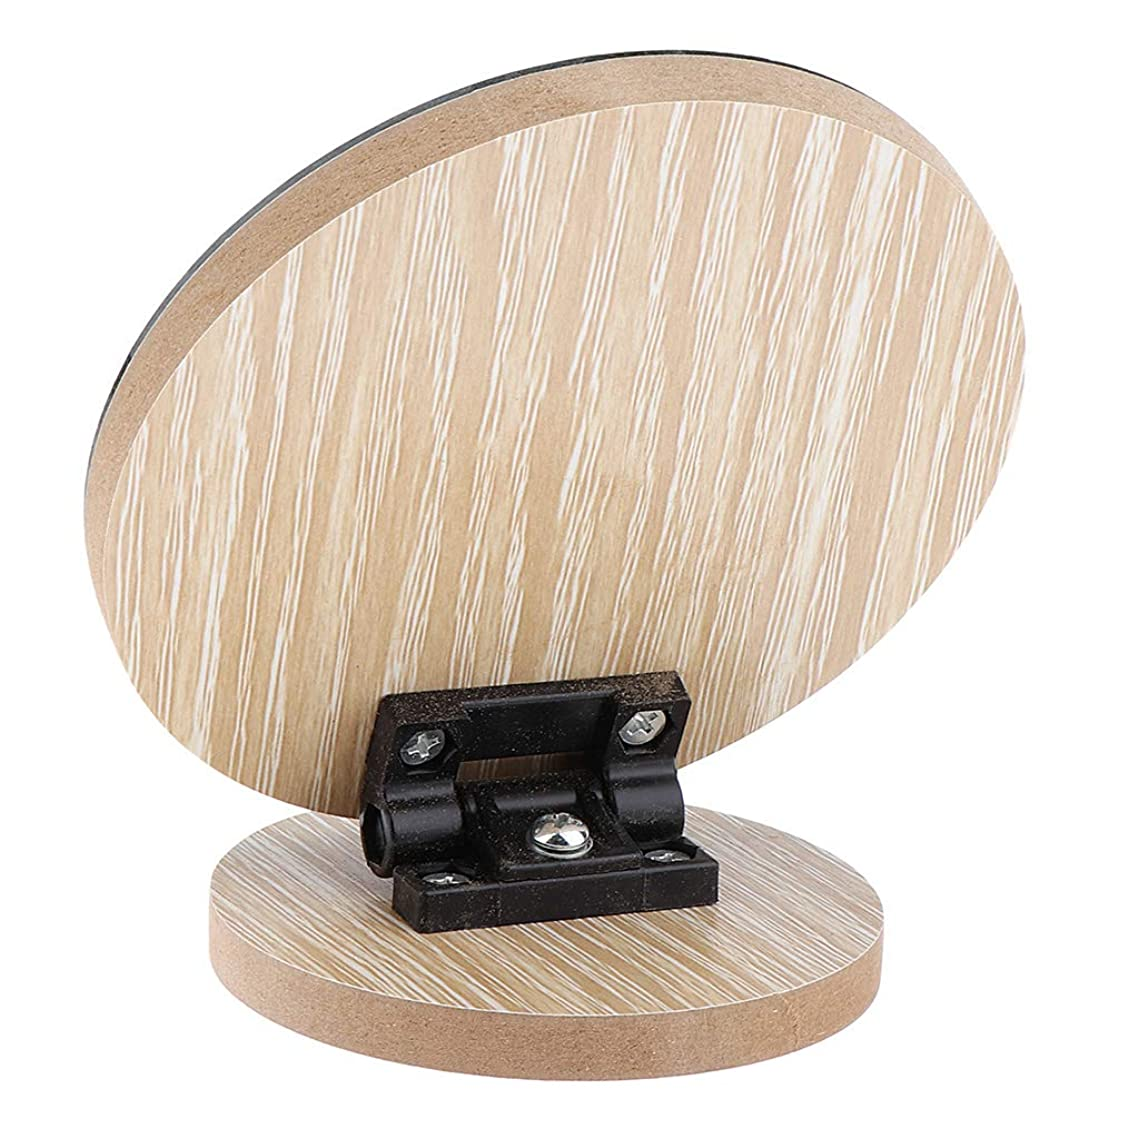 CUTICATE 化粧鏡 メイクアップミラー 化粧 テーブルトップ メイクミラー お化粧 2サイズ選べ - 12.5 cm